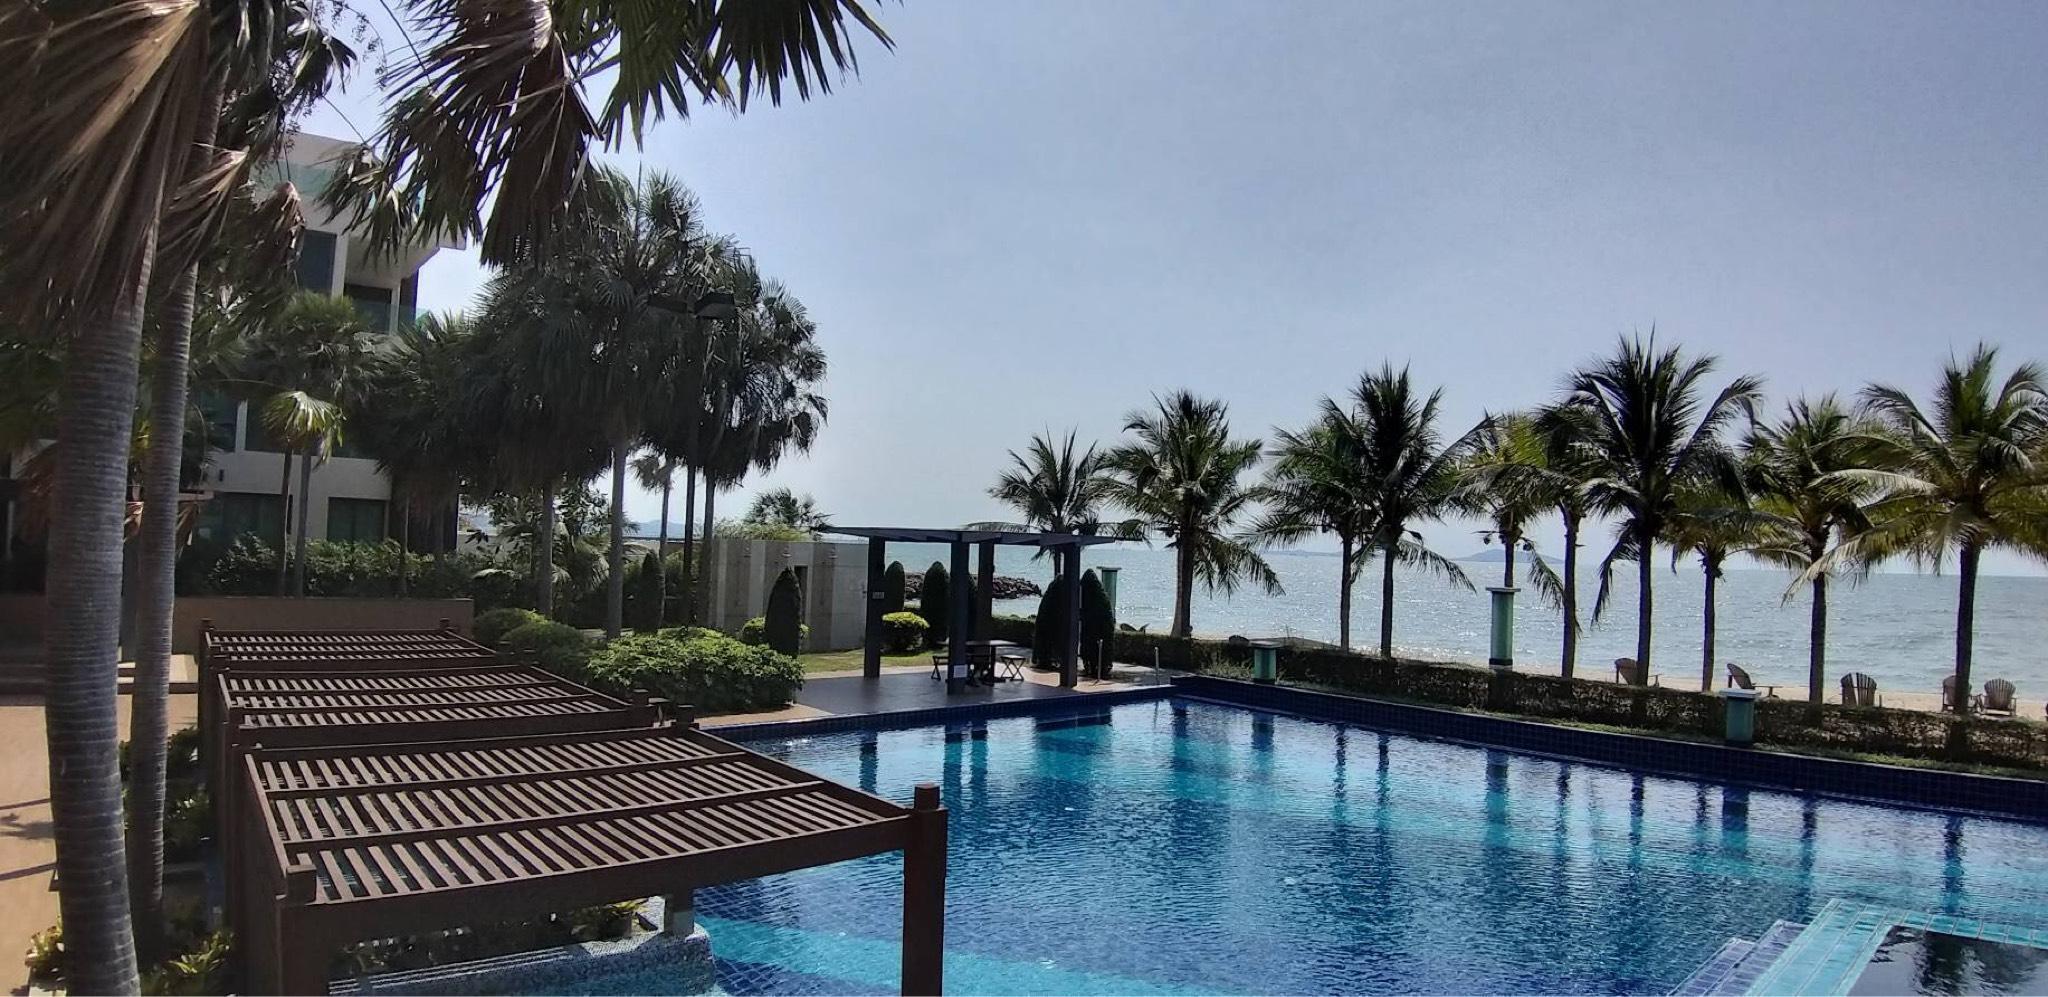 Luxury Private Pool Villa at Bang Saen, Chonburi Luxury Private Pool Villa at Bang Saen, Chonburi